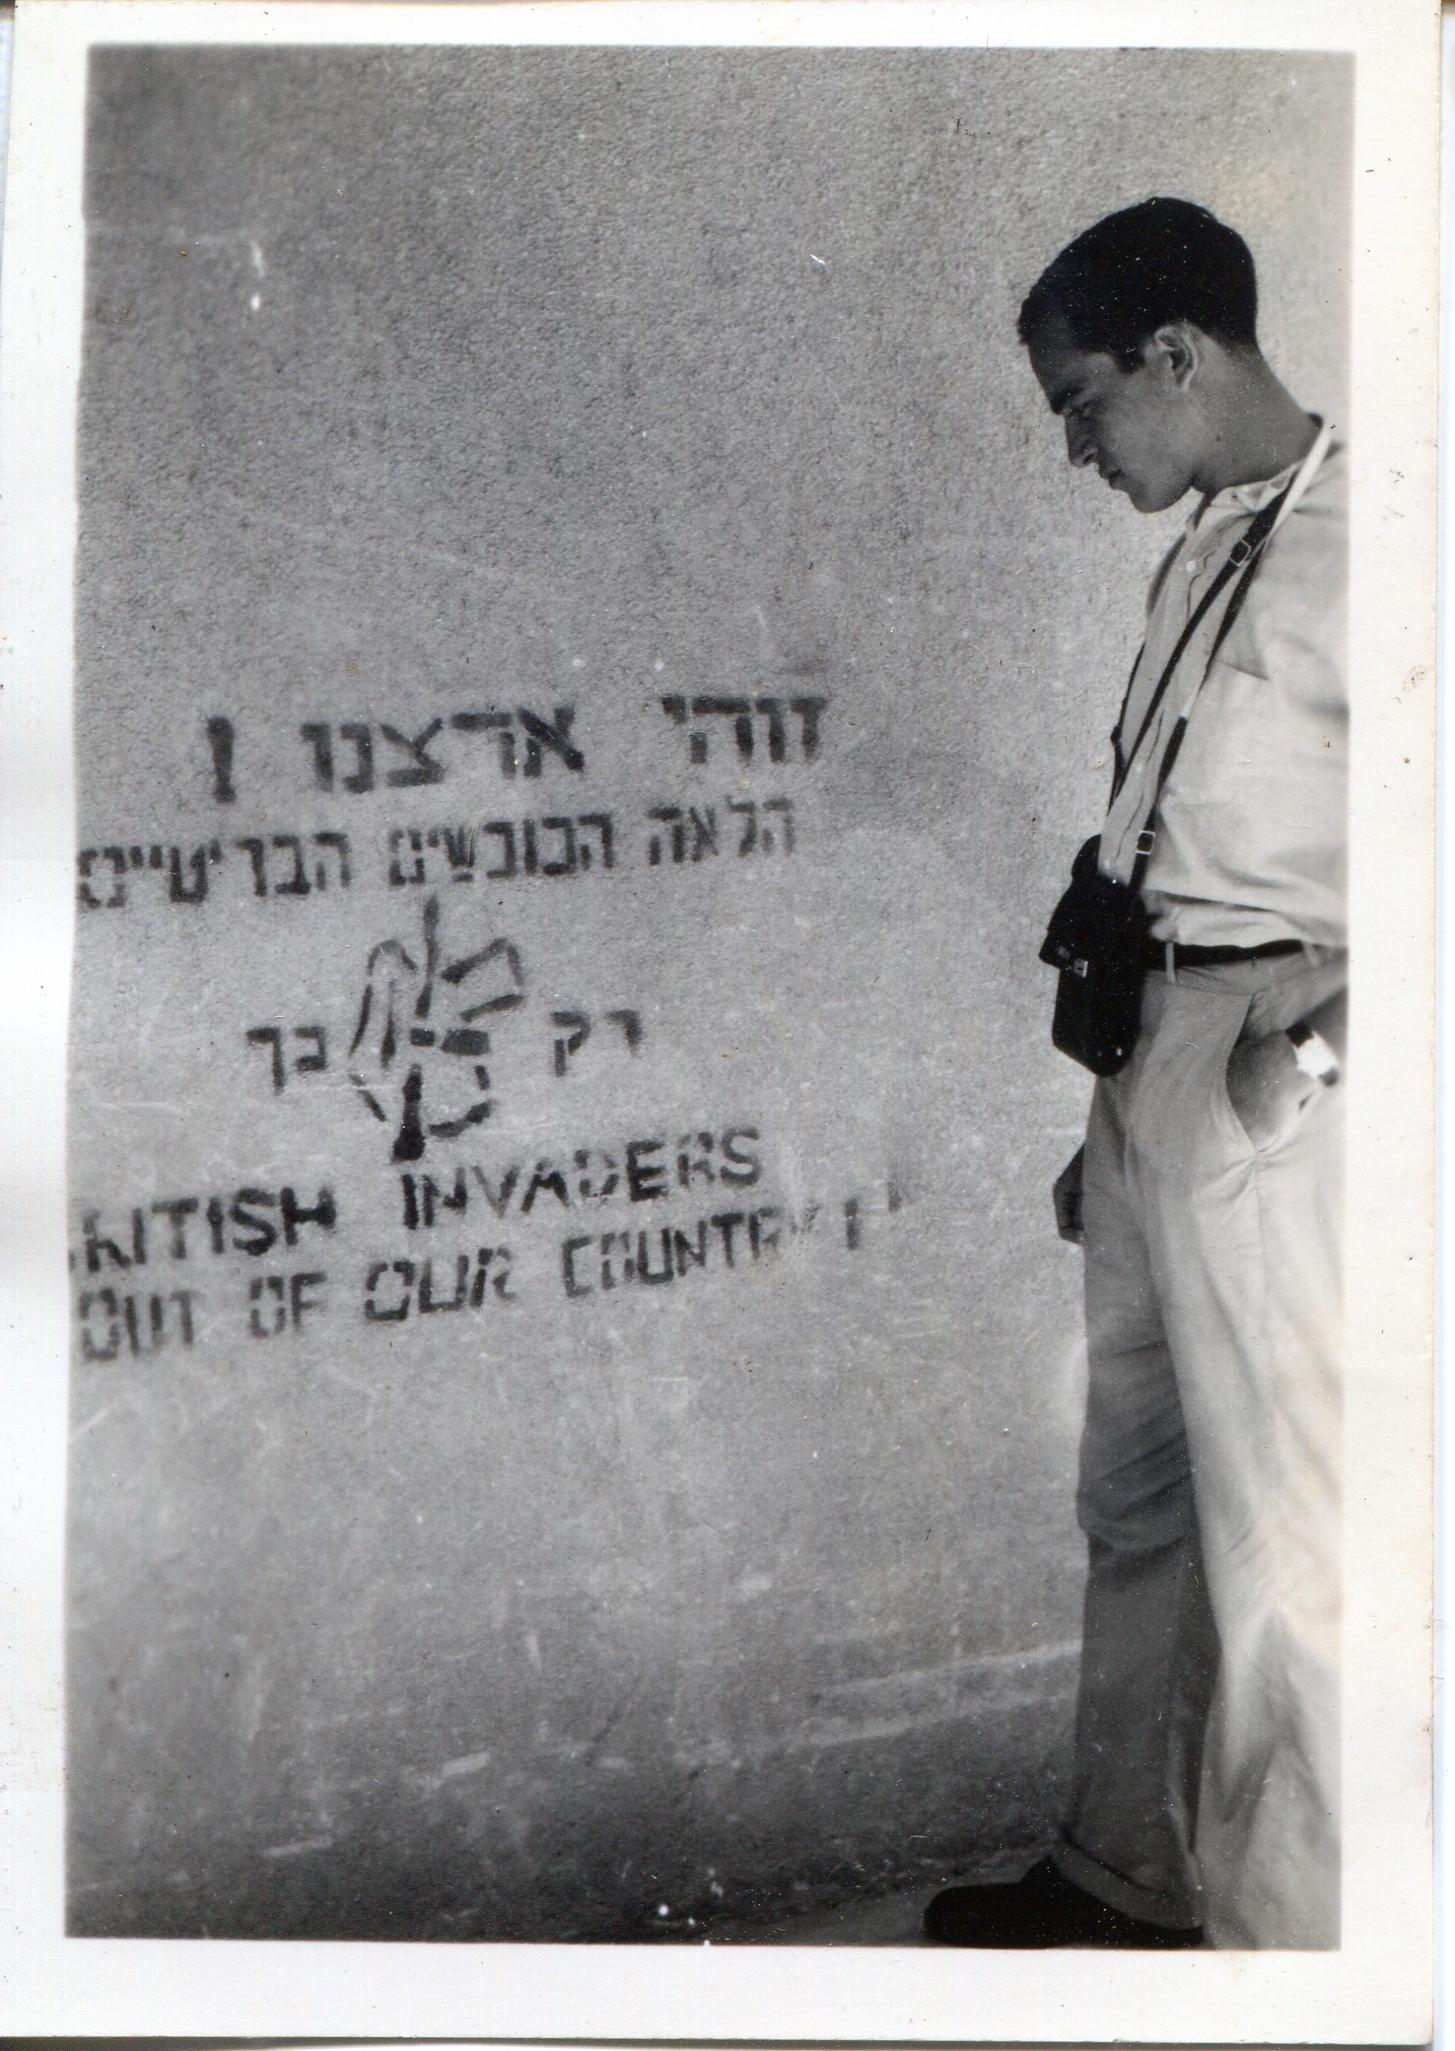 LIB looking at graffiti in Palestine 1947